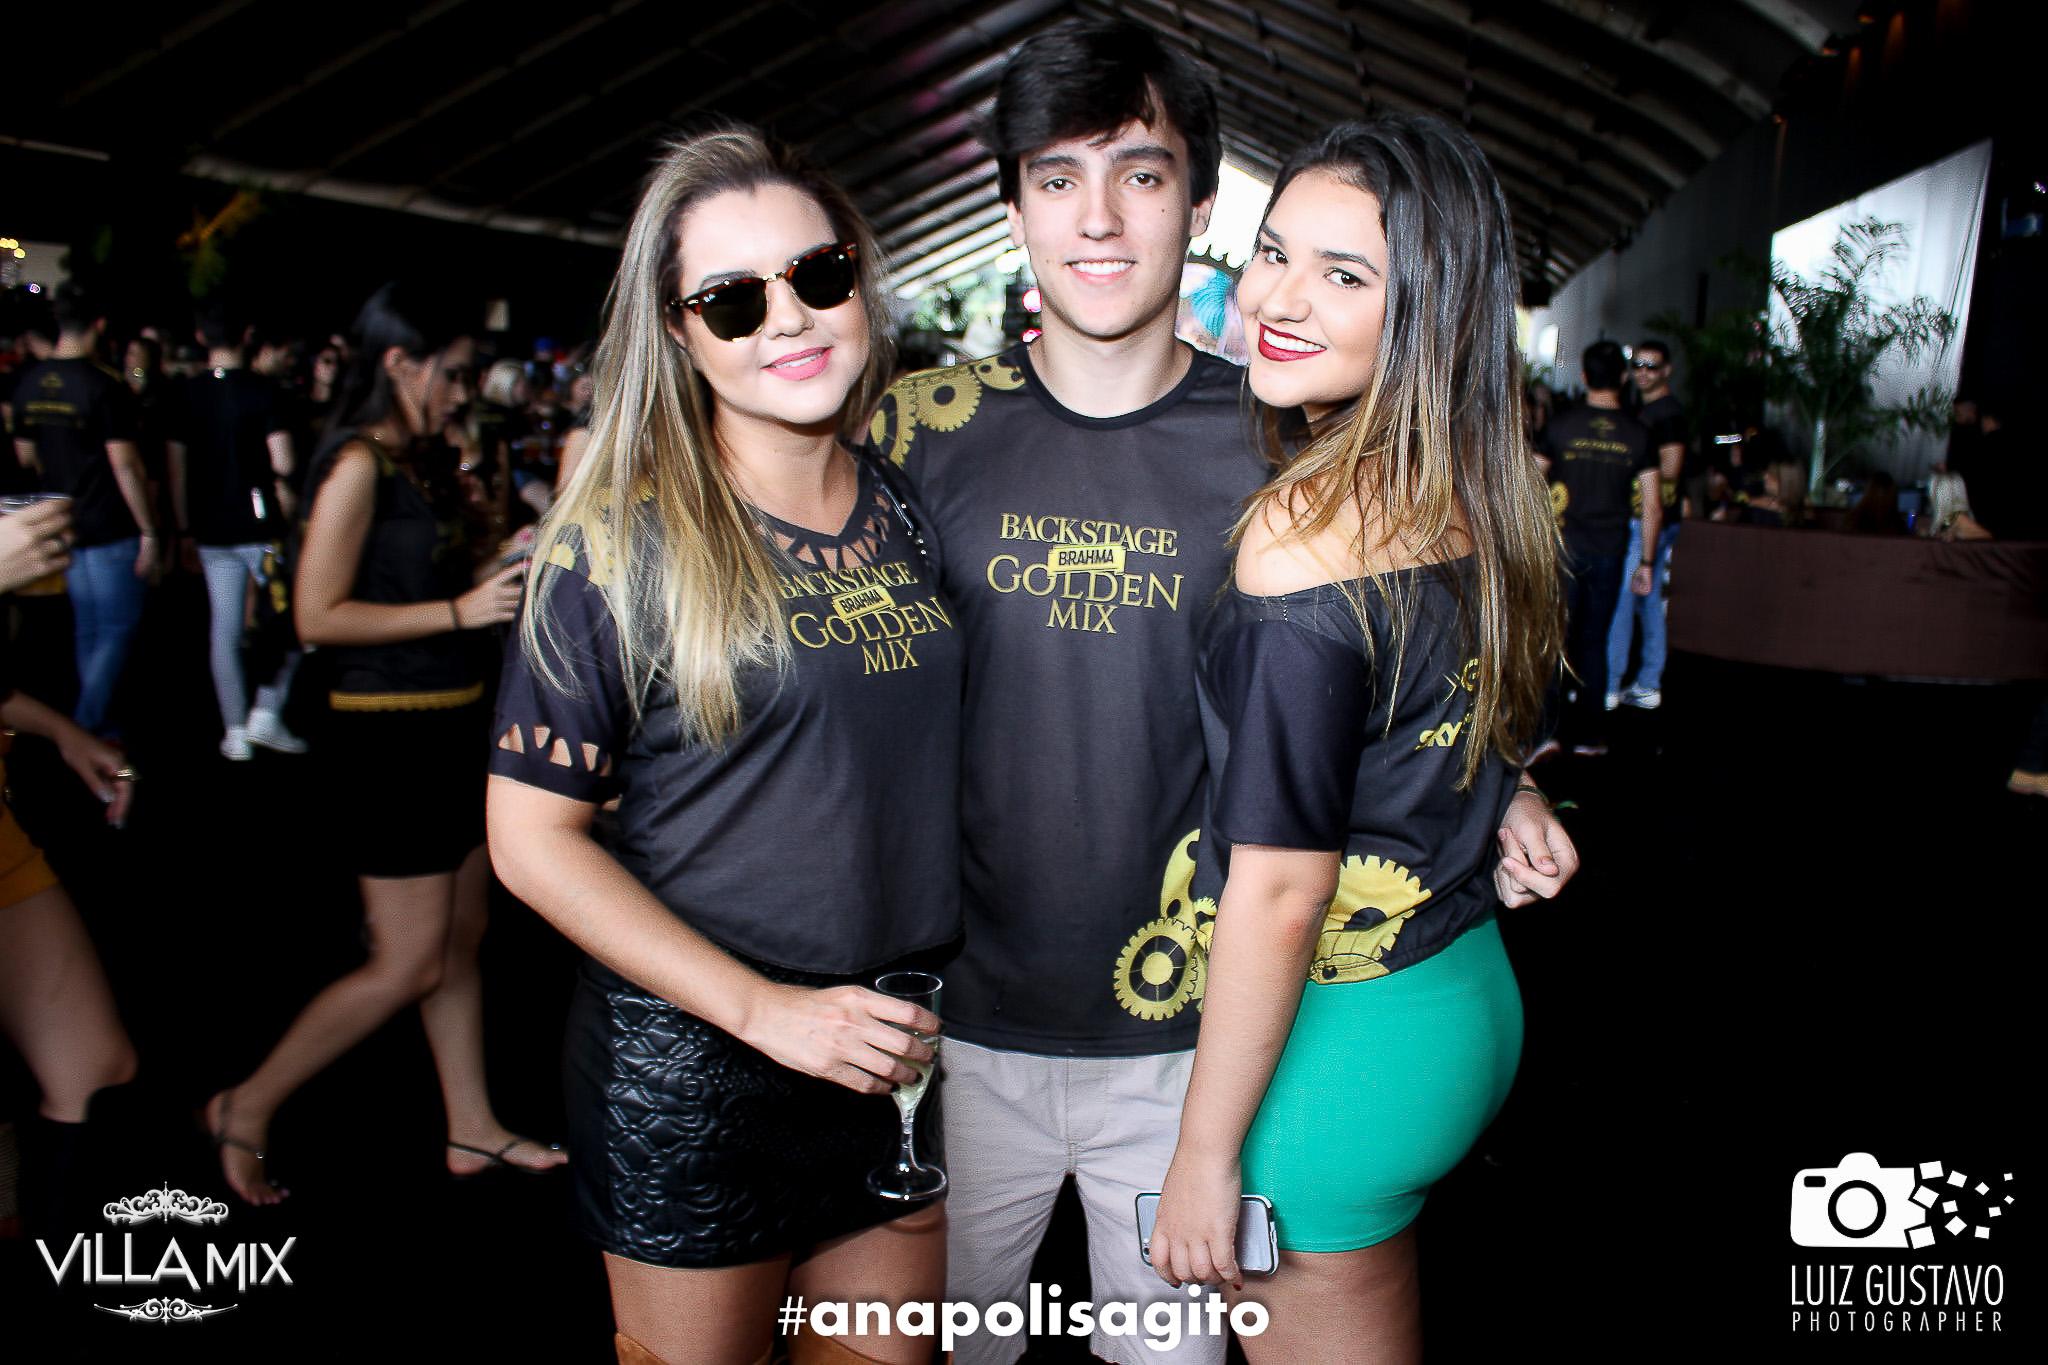 Luiz Gustavo Photographer (37 de 327)